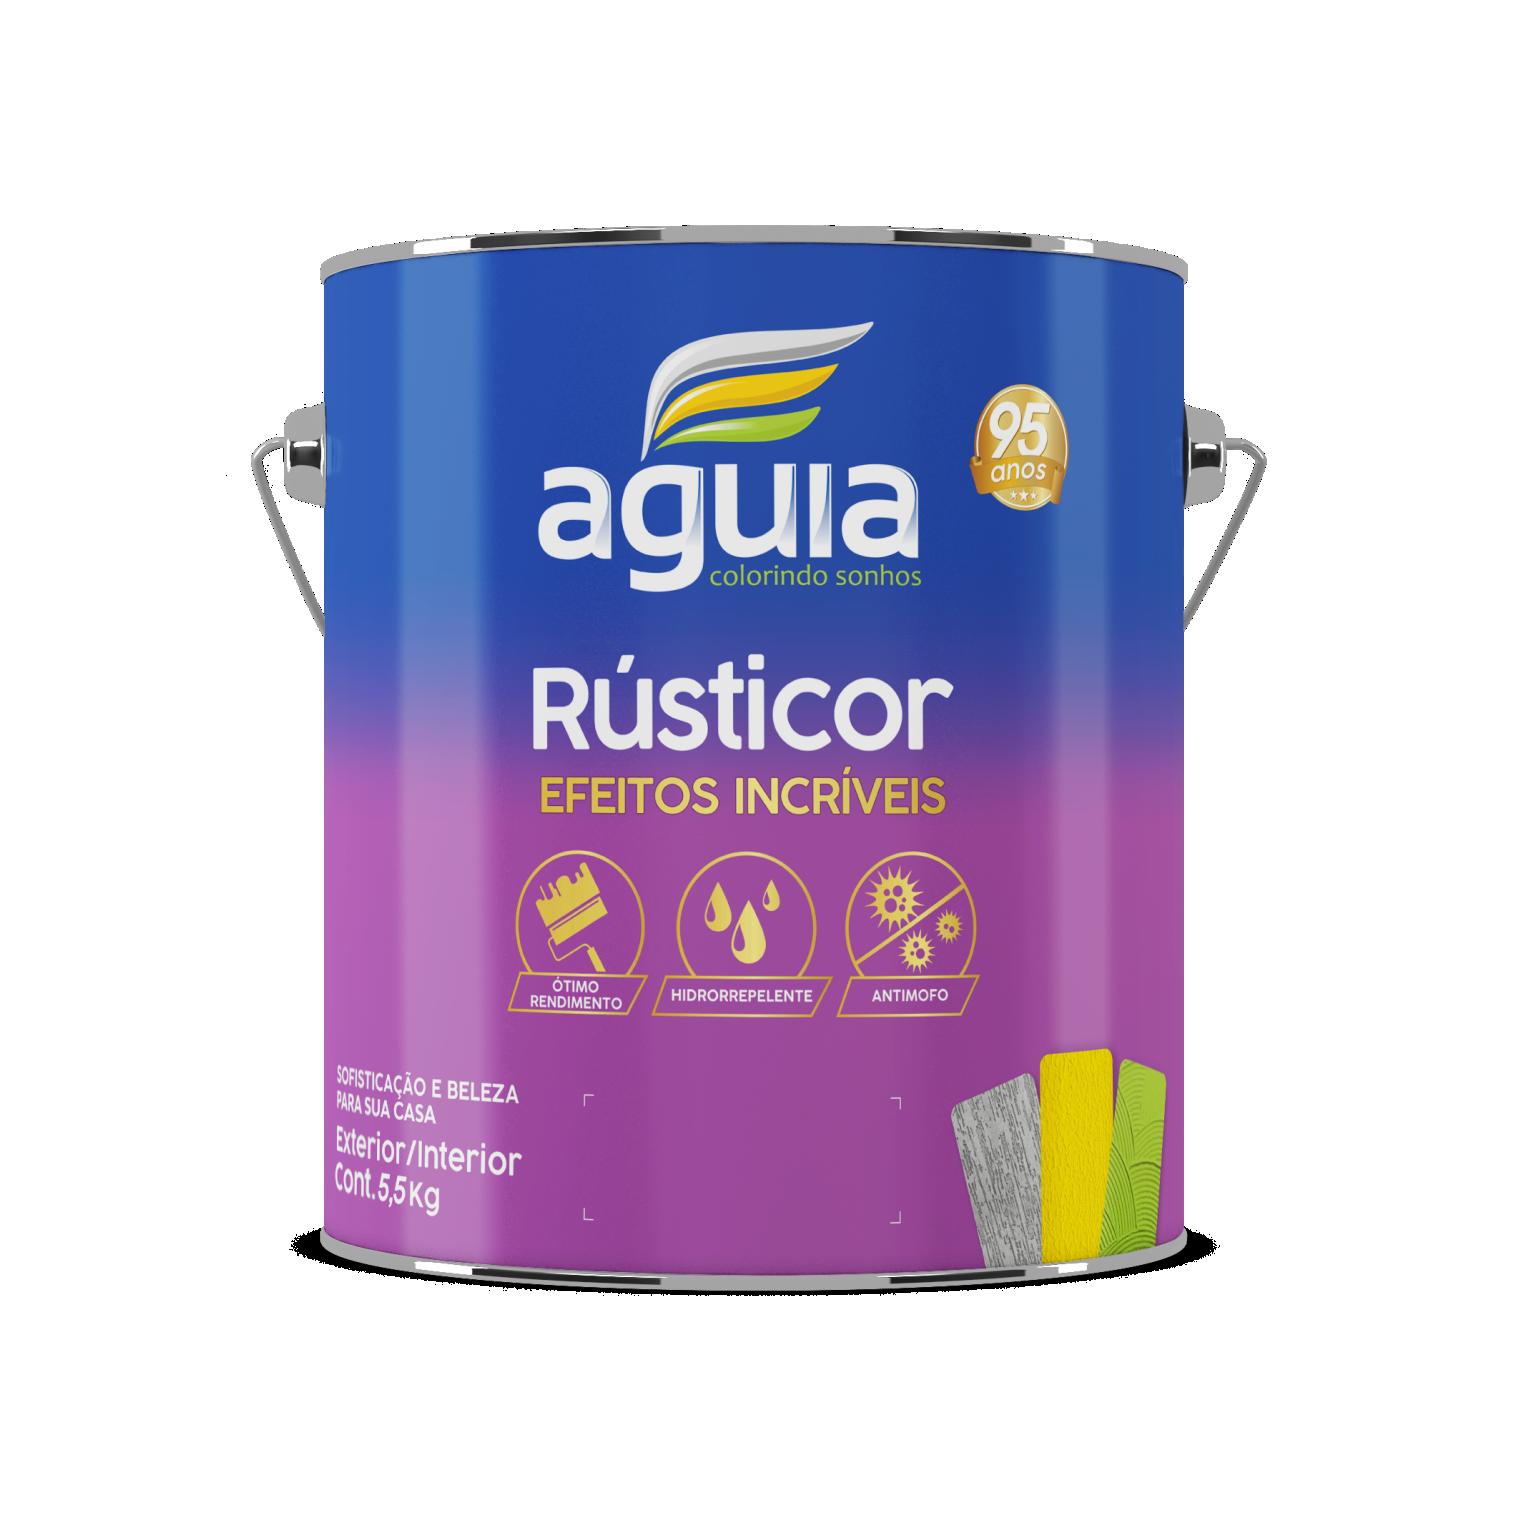 TEXTURA RÚSTICOR RISCADO AGUIA